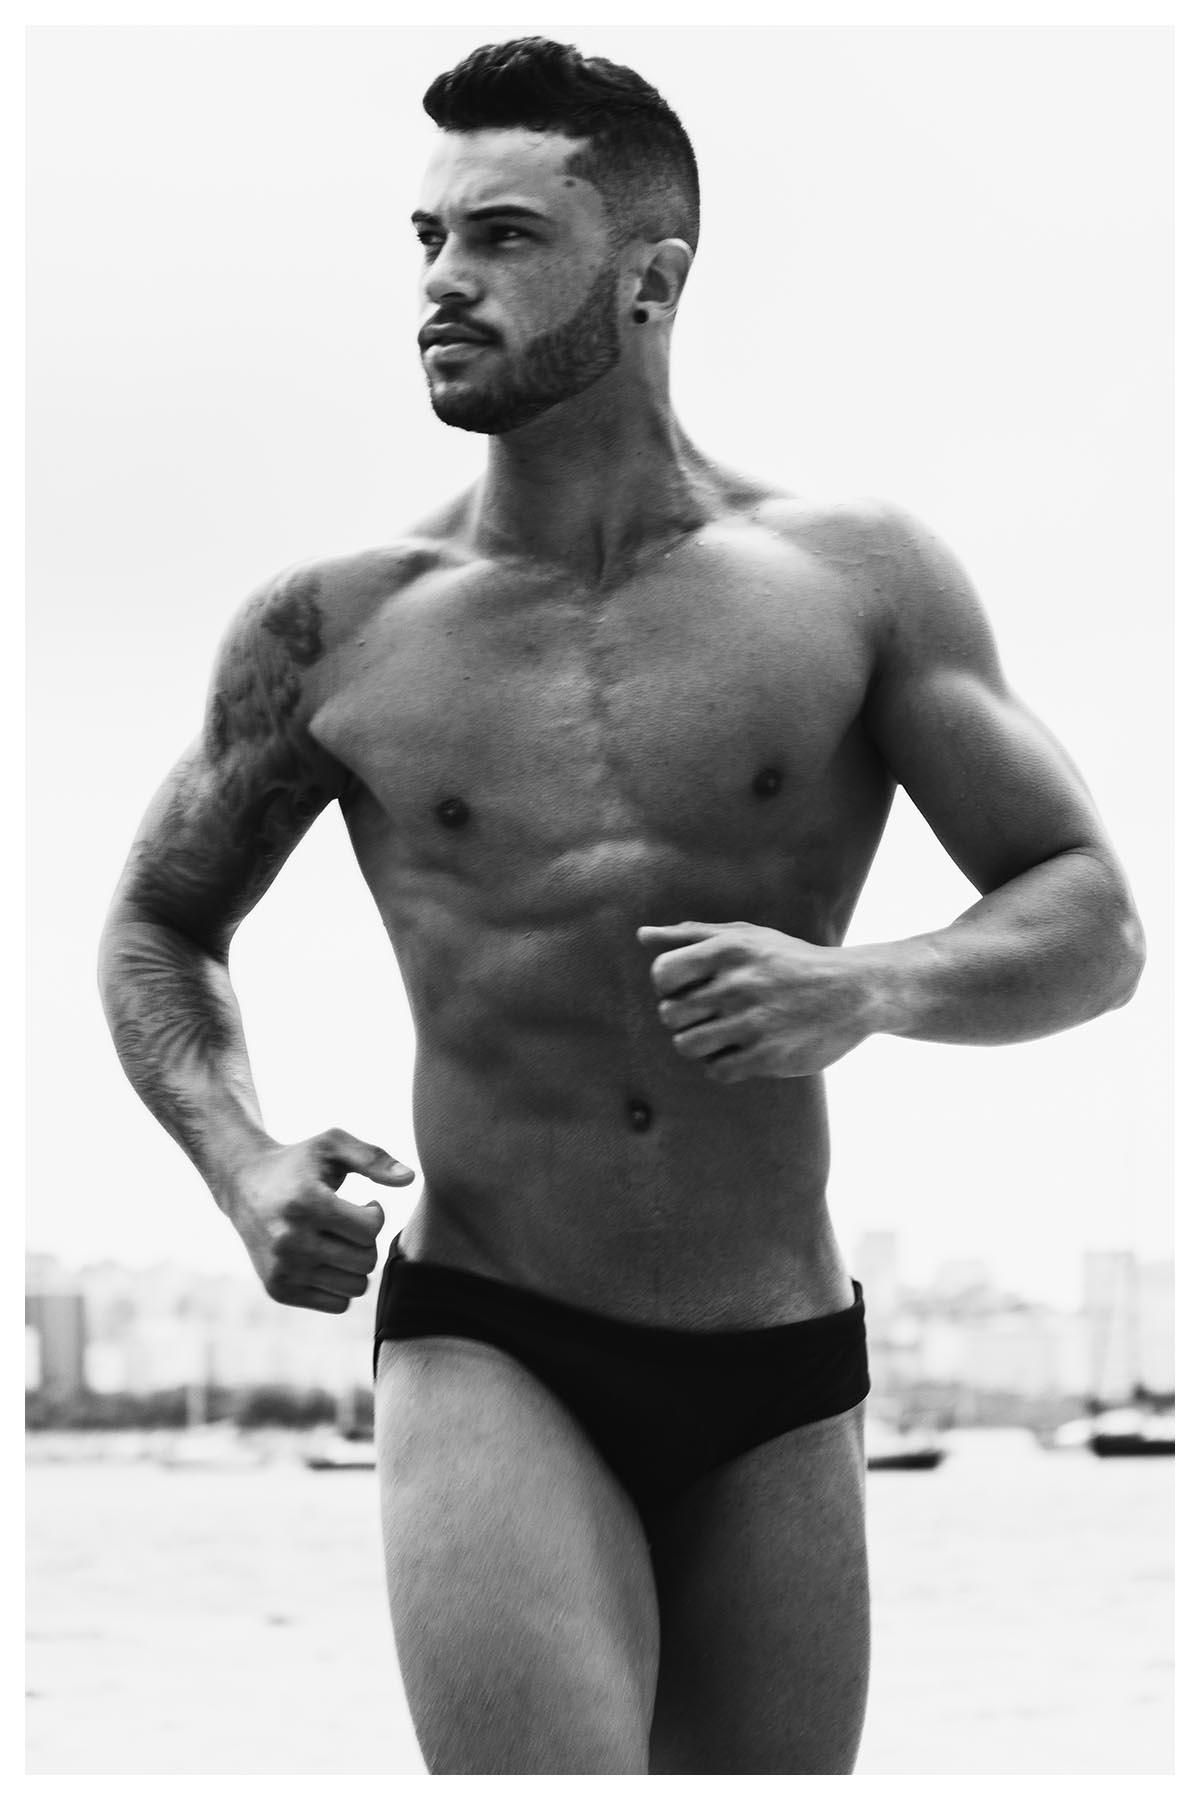 Douglas Candido by Olavo Martins for Brazilian Male Model